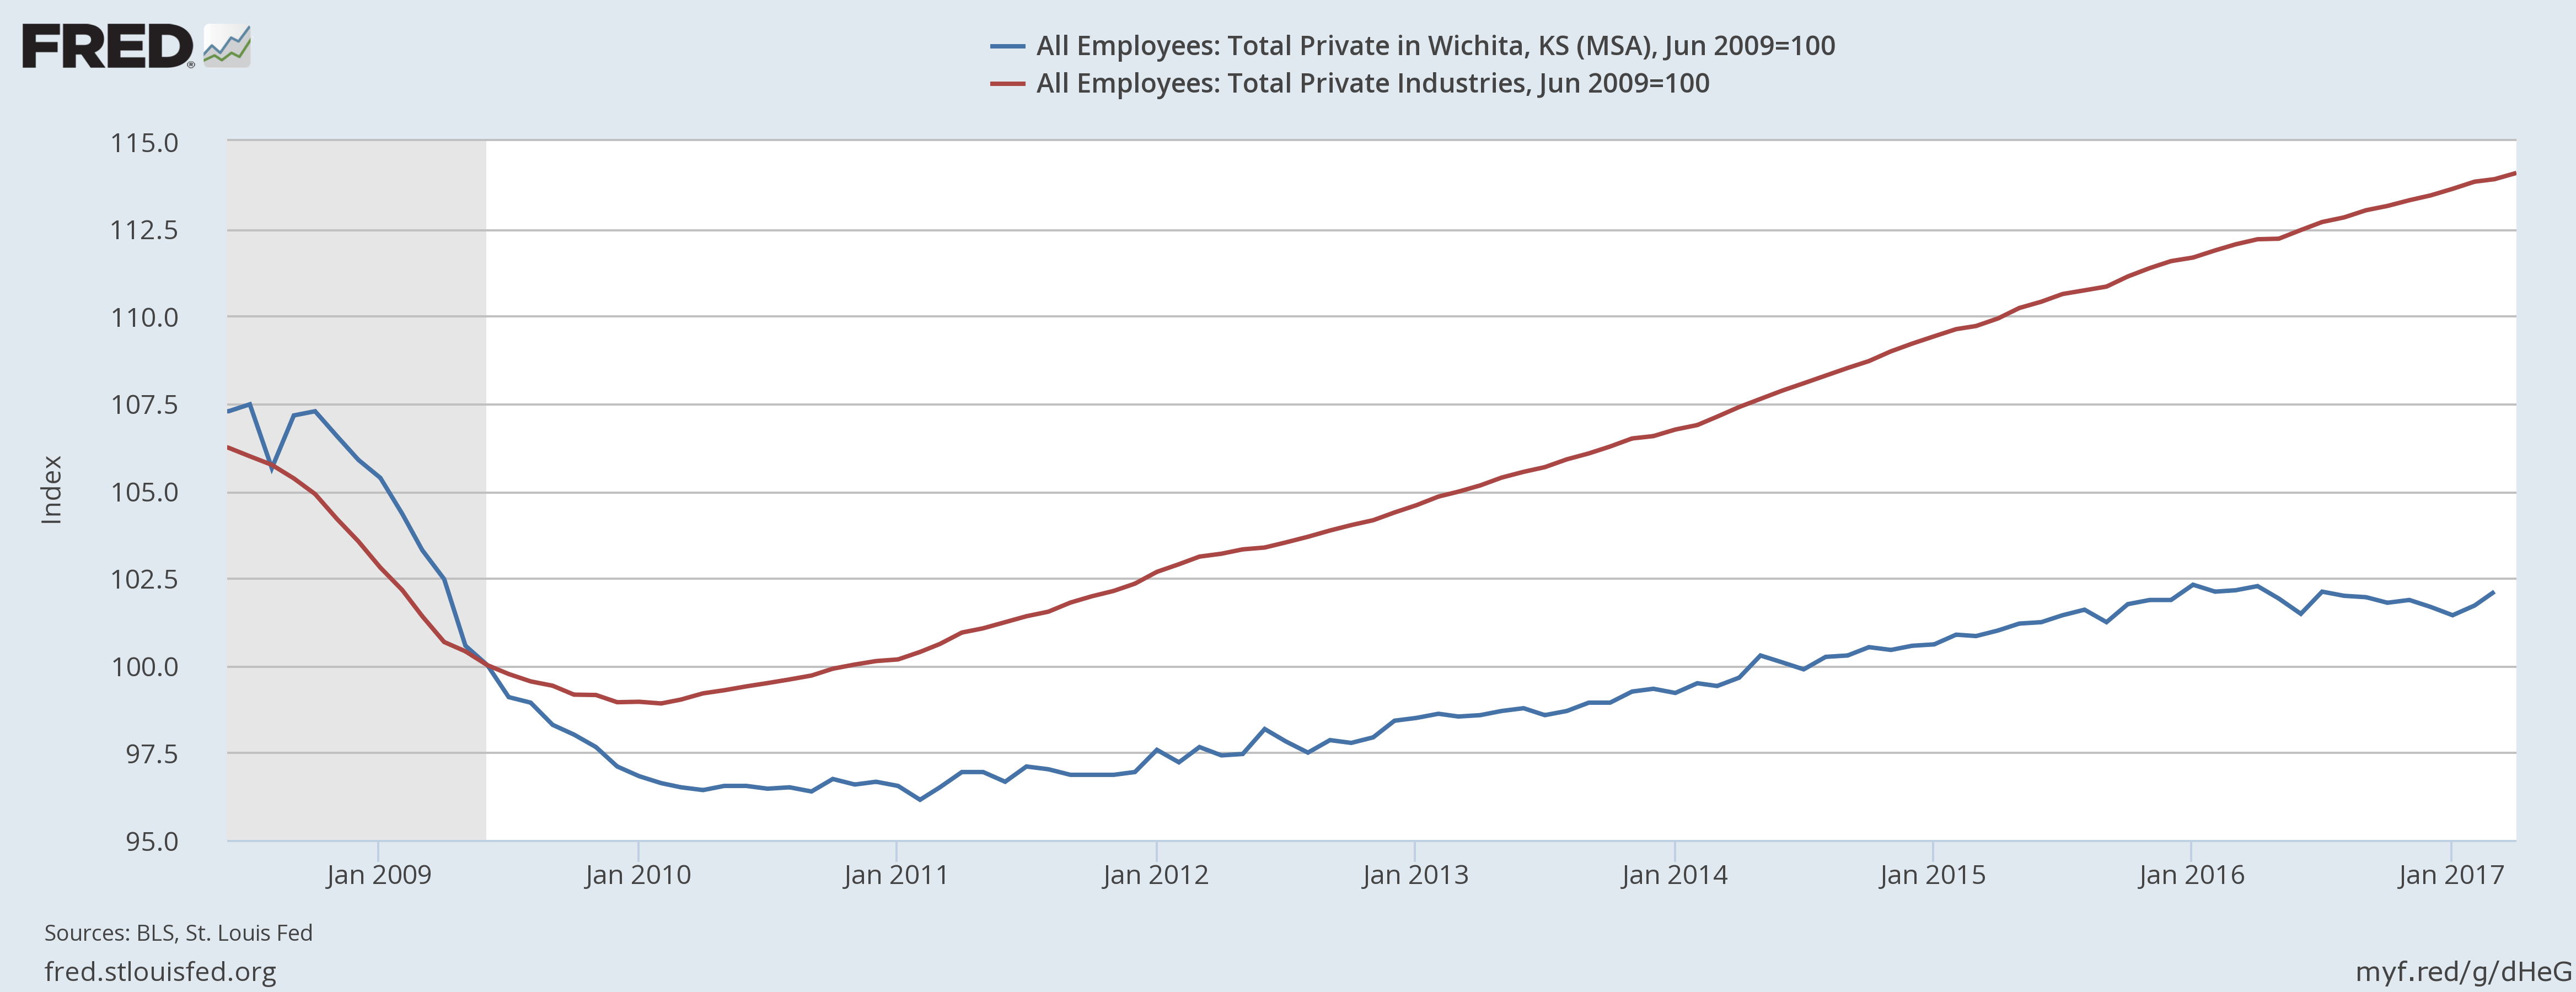 Wichita post-recession job growth